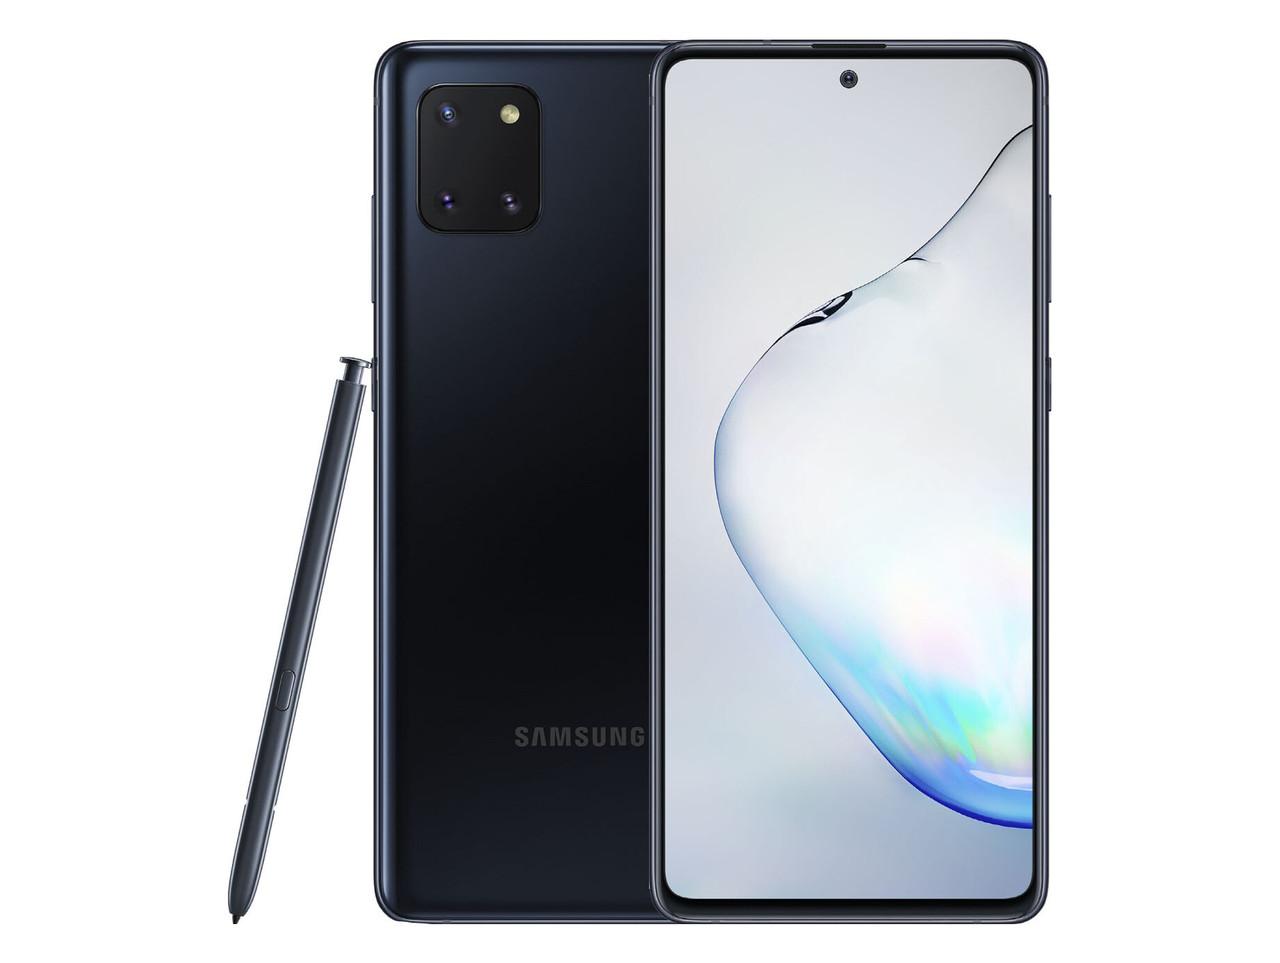 Смартфон Samsung Galaxy Note 10 Lite 6/128GB Black (SM-N770FZKDSEK)